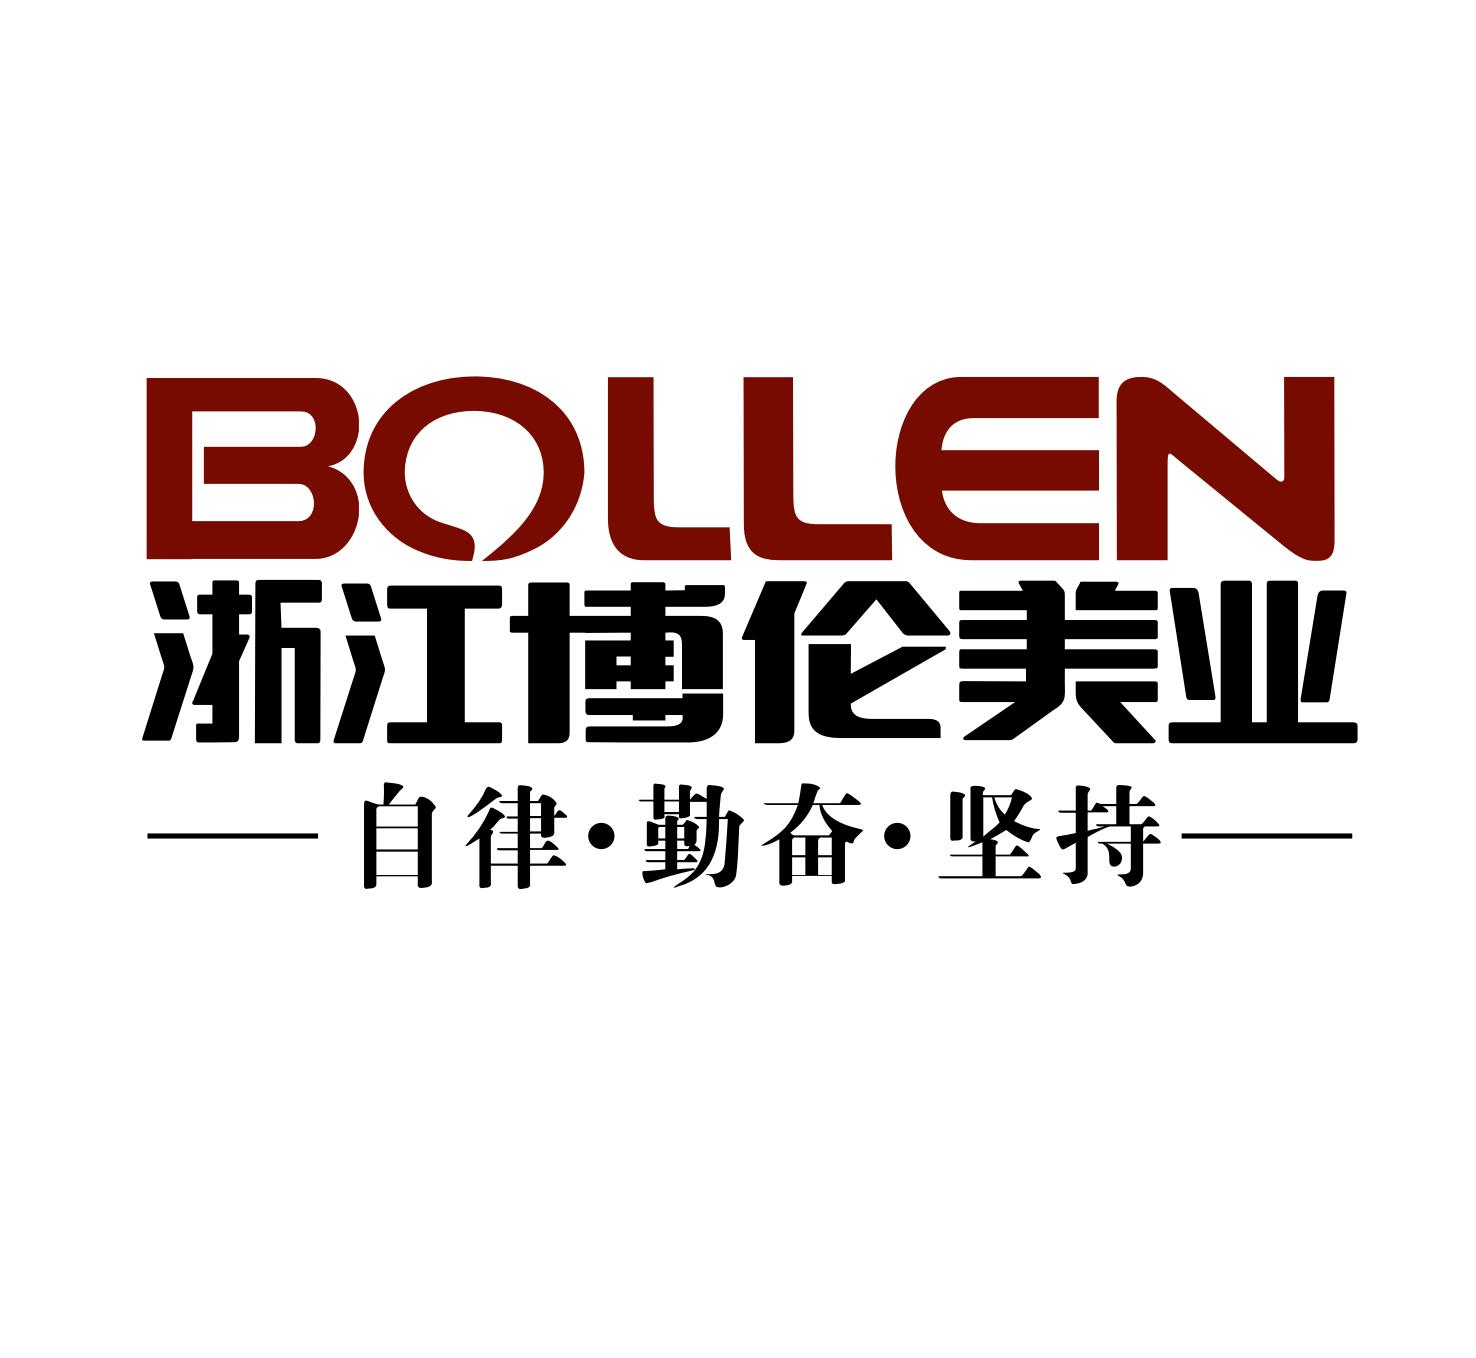 杭州博伦化妆品有限公司宣讲会